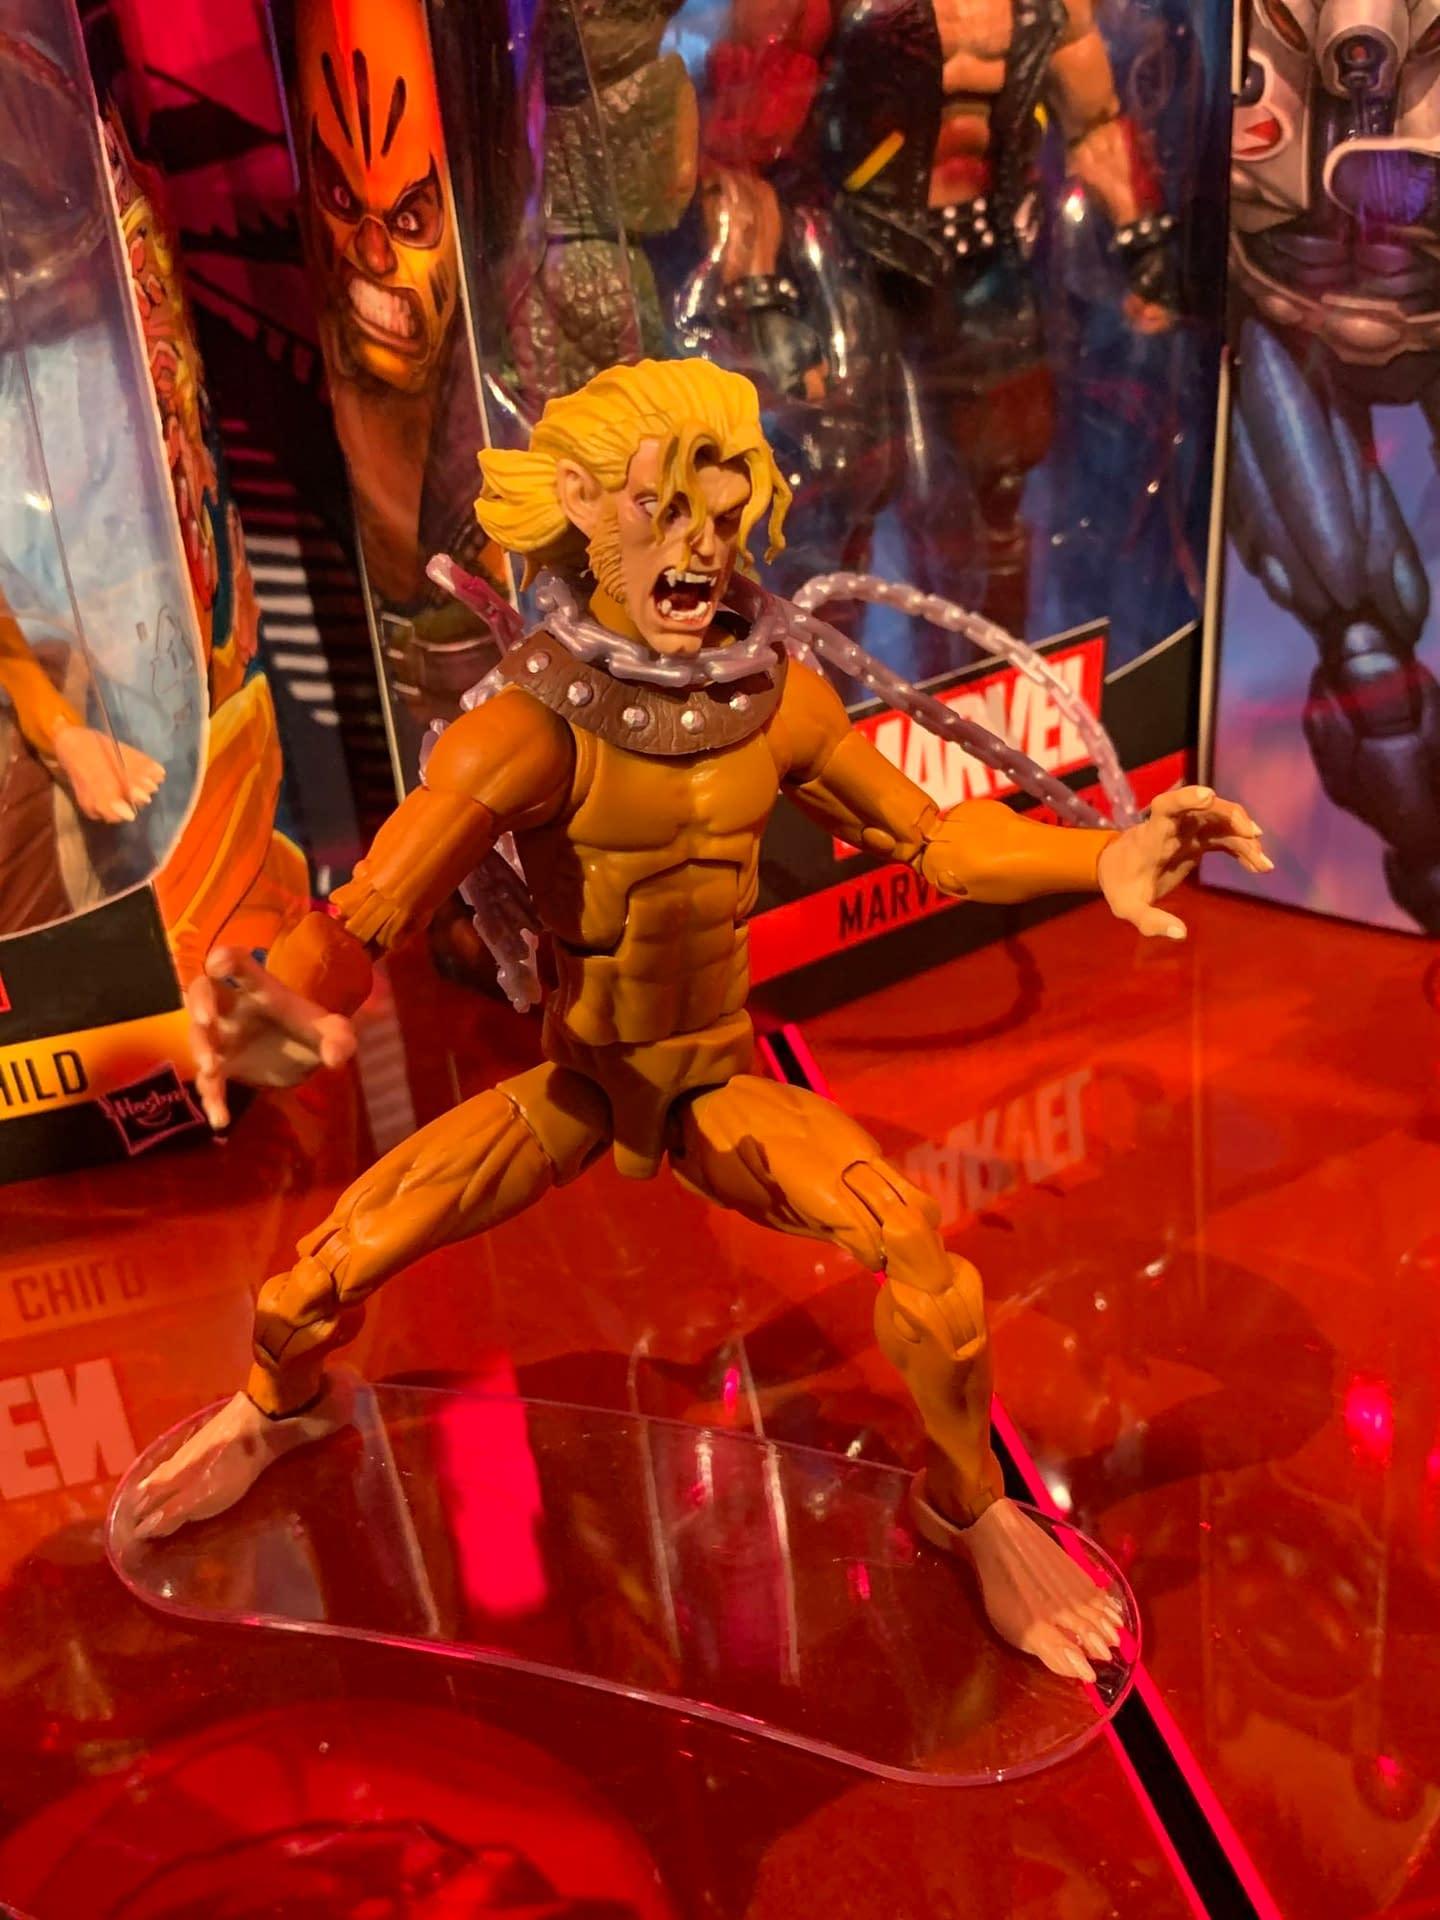 New York Toy Fair 2020: 64 Photos from the Has